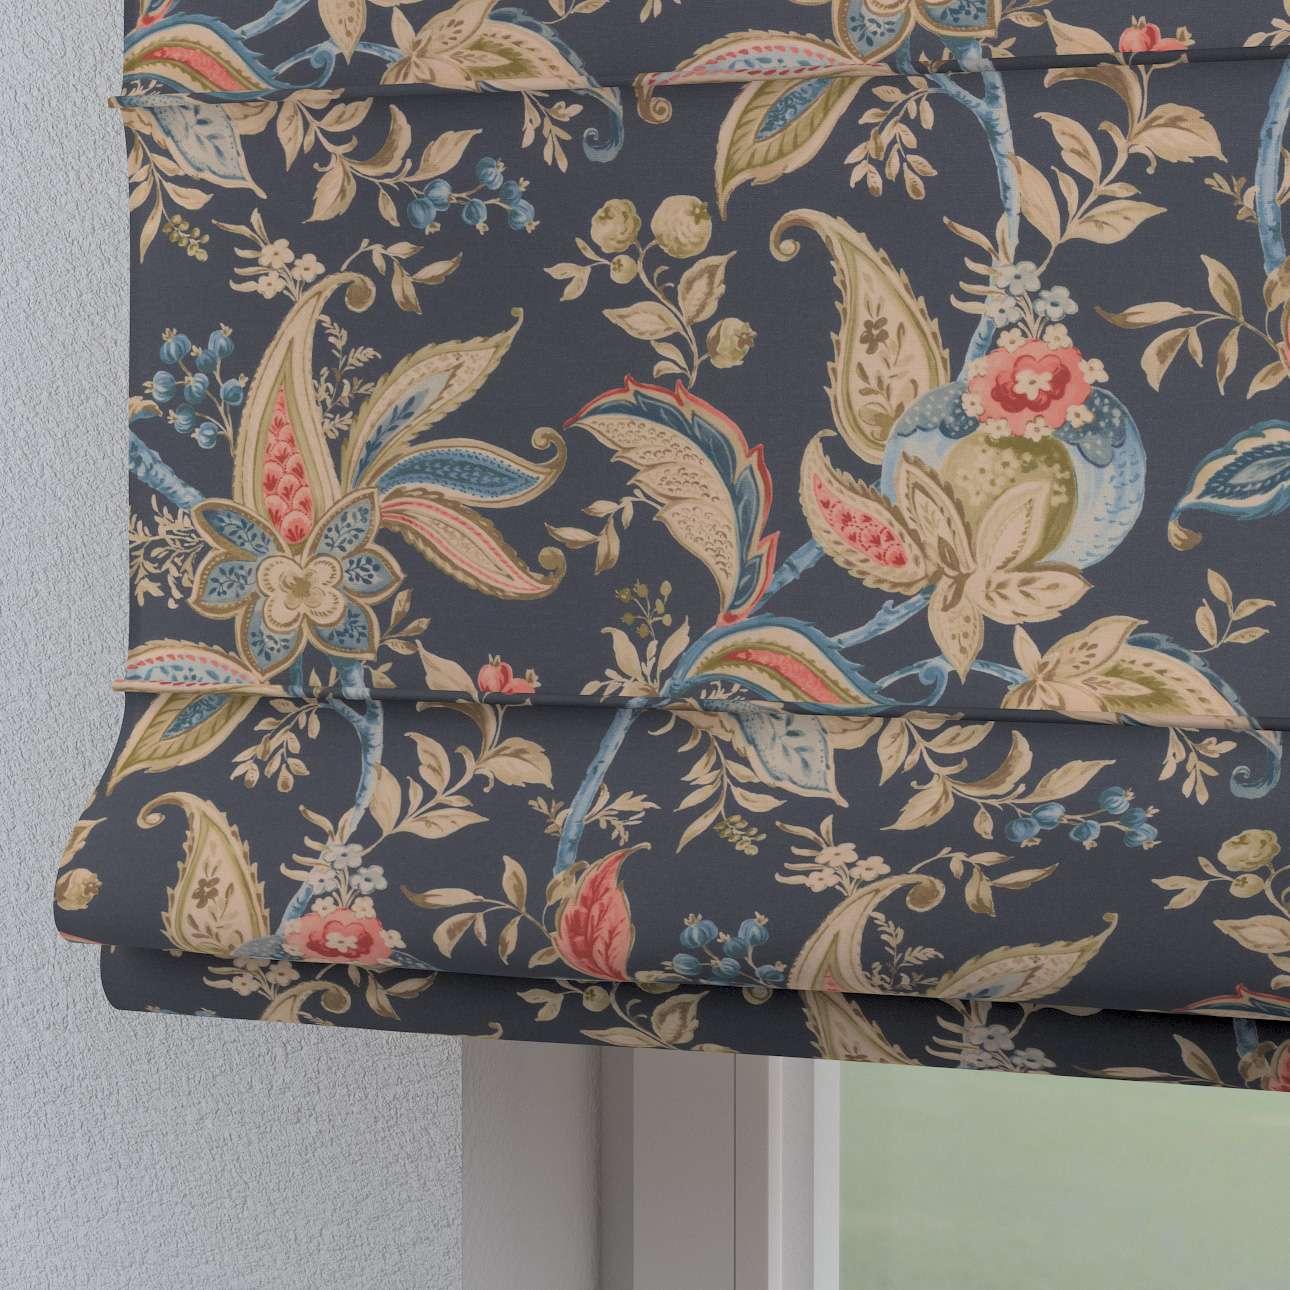 Roleta rzymska Torino w kolekcji Gardenia, tkanina: 142-19